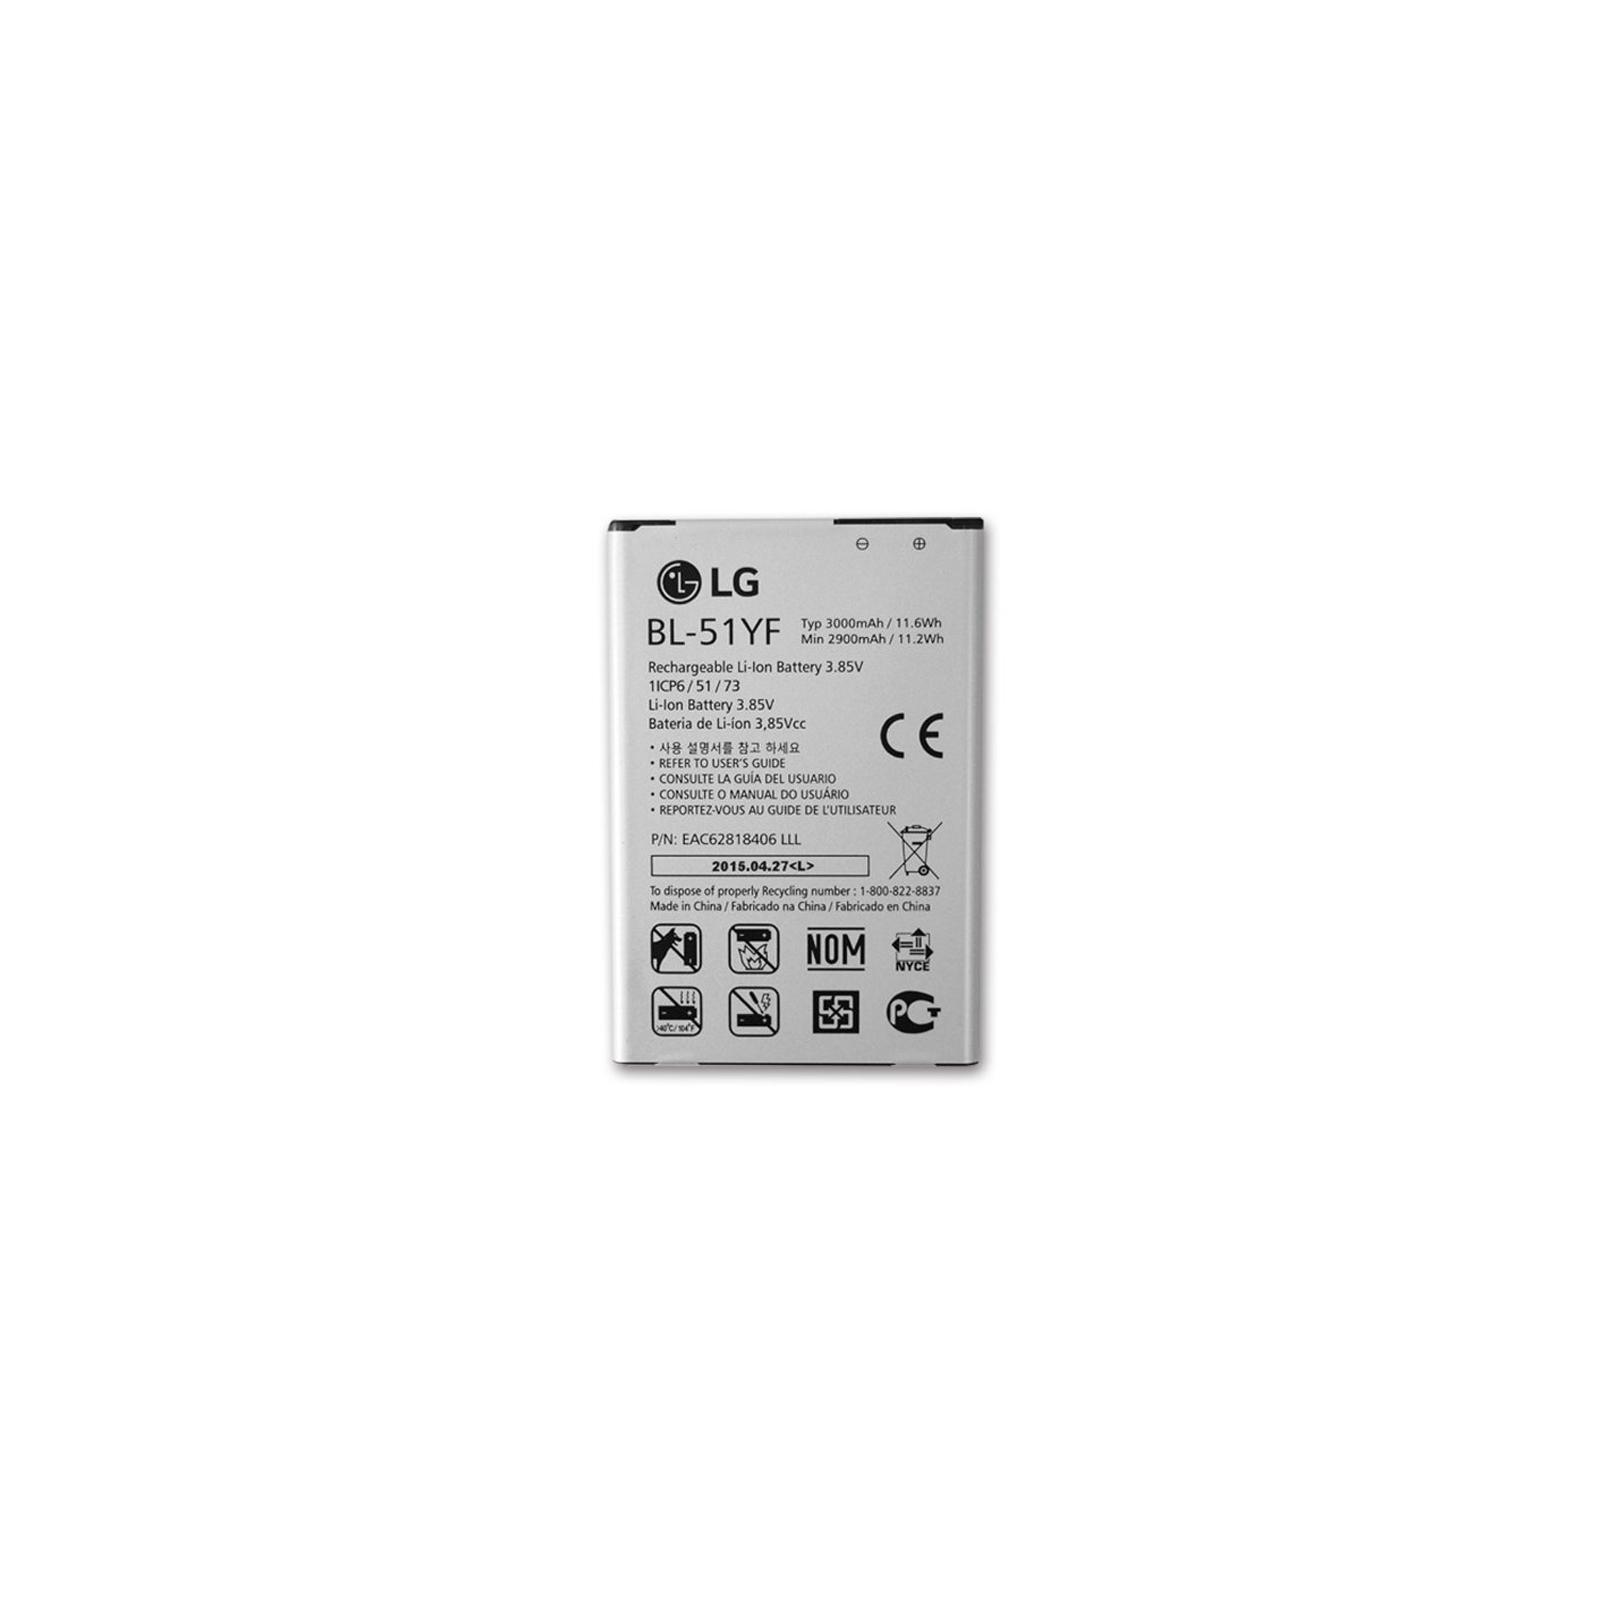 Аккумуляторная батарея для телефона LG for G4/G4 Stylus (BL-51YF / 40958)